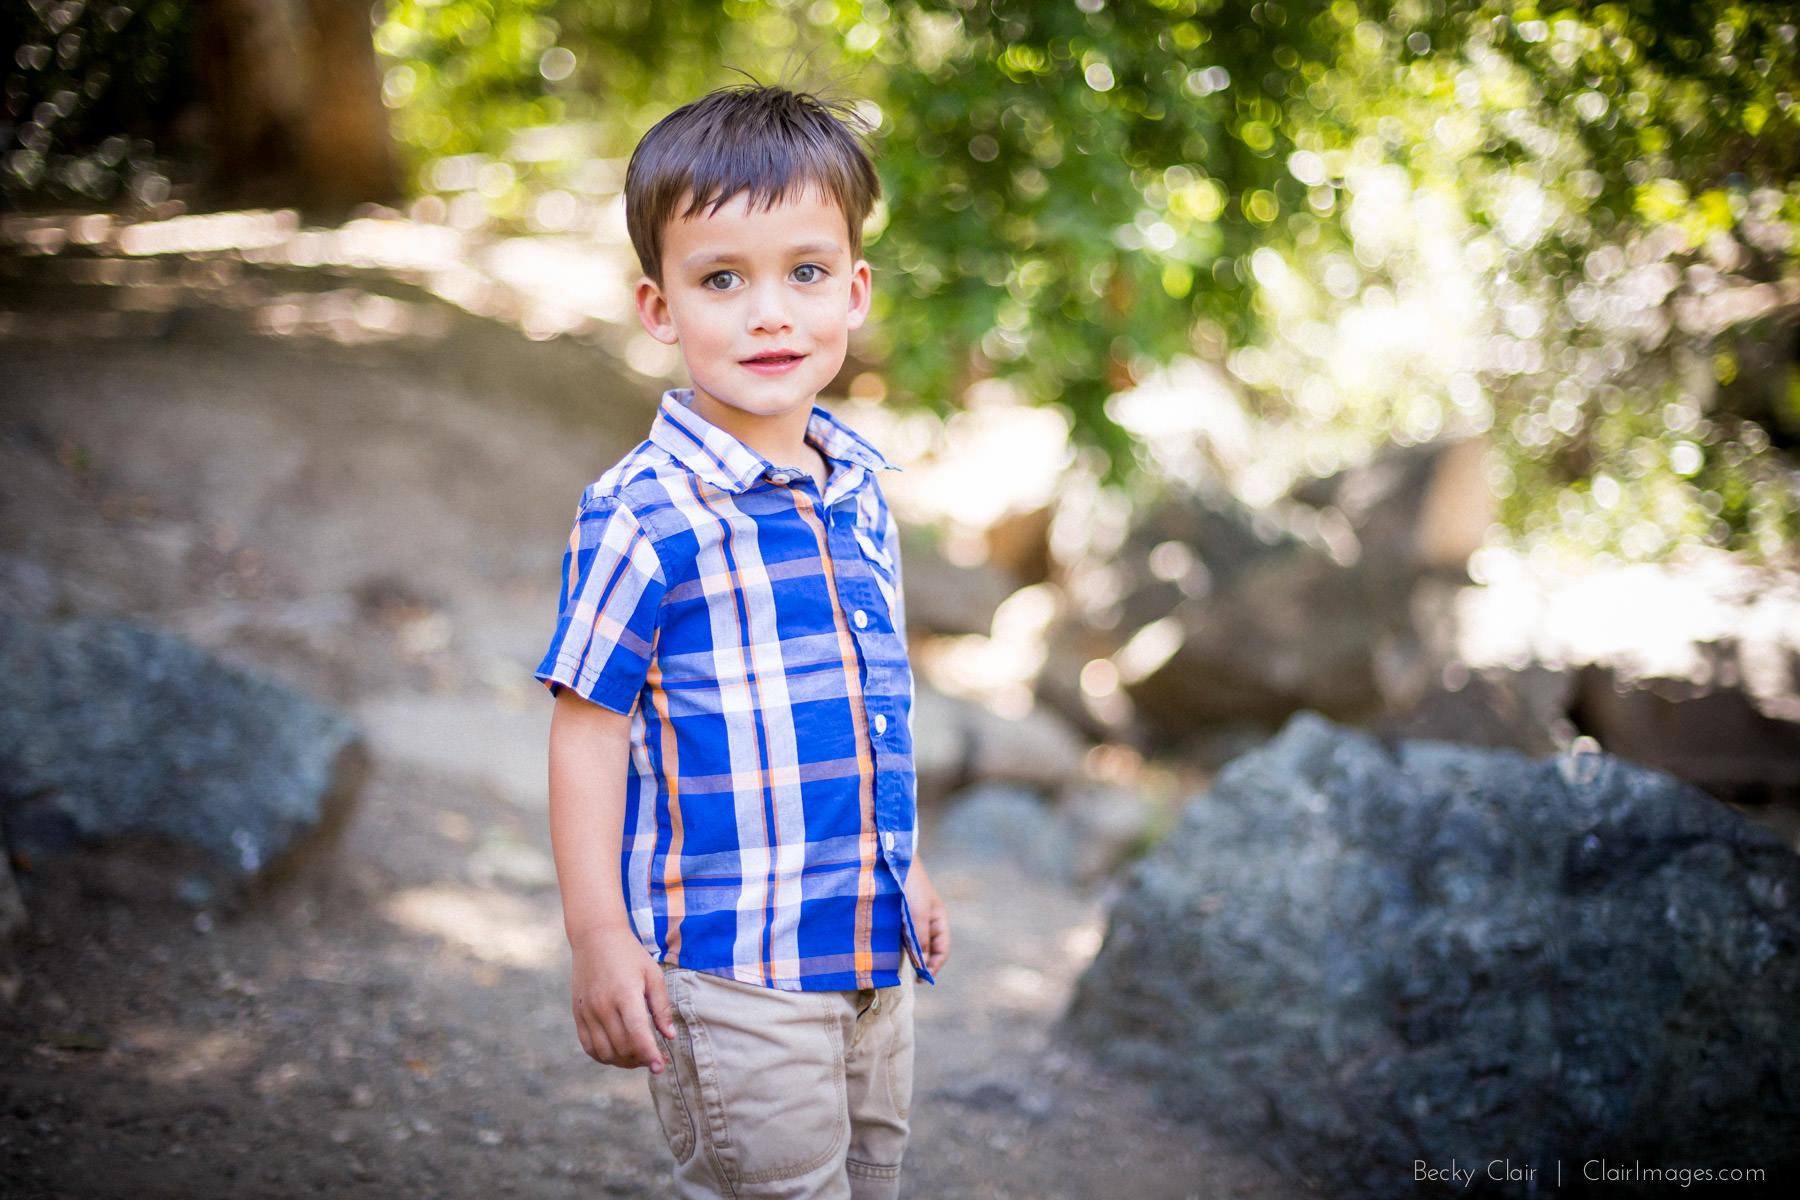 San Luis Obispo Family Portraits - Partridge Family - Clair Images Mini Sessions - Cuesta Park